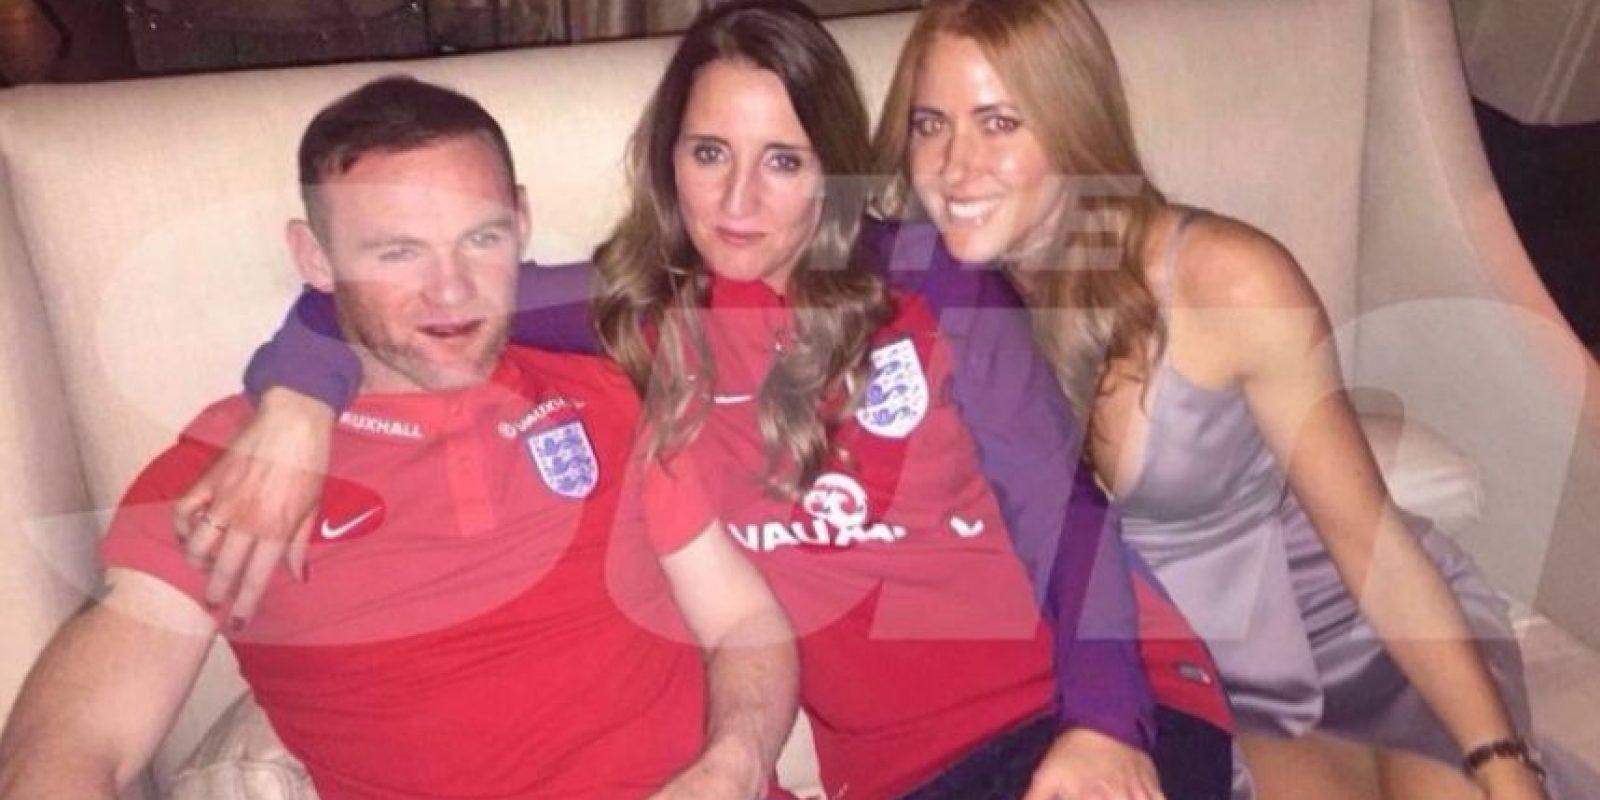 Wayne Rooney fue captado en una boda completamente borracho Foto:The Sun